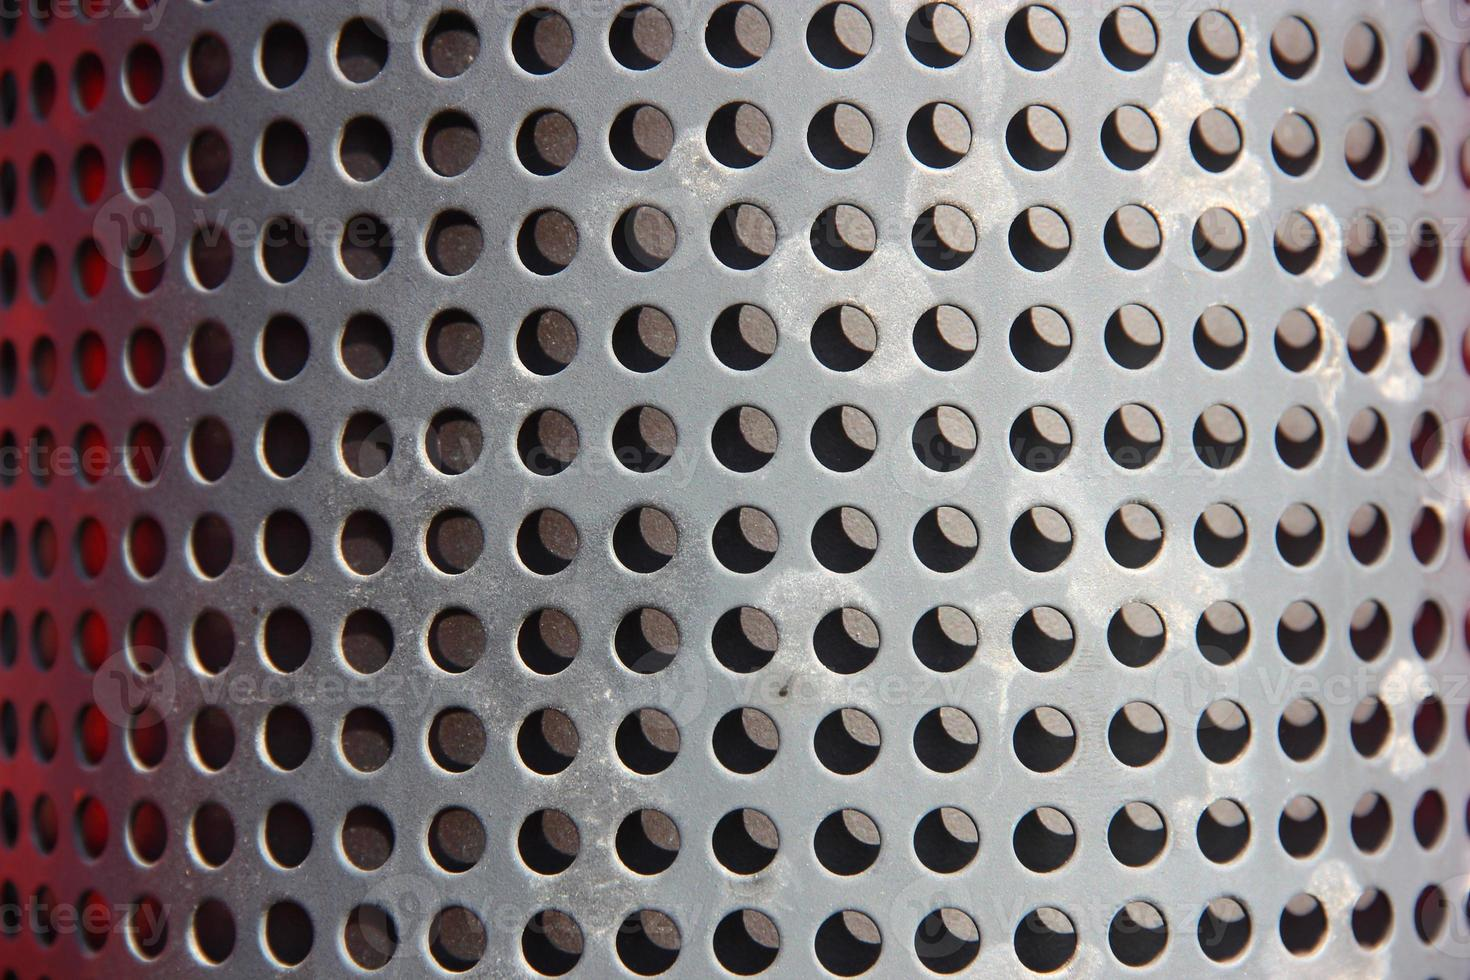 metallhål eller perforerad rutnätbakgrund foto